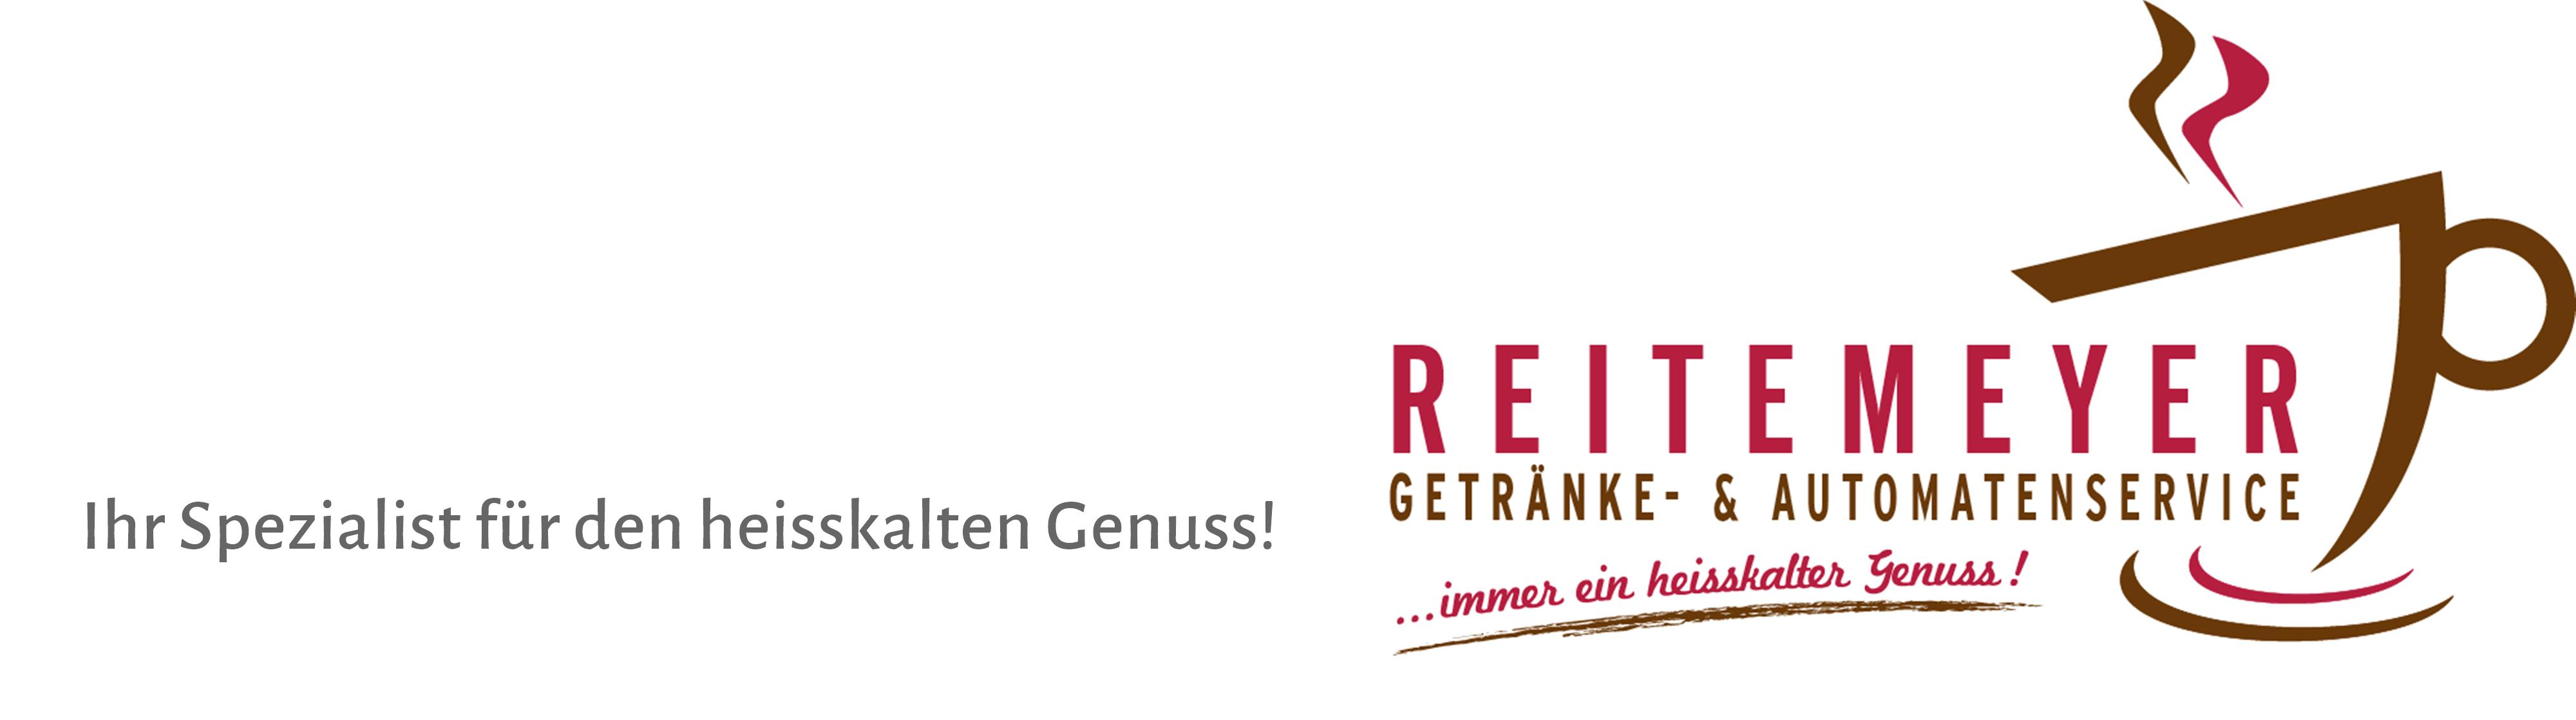 Kaffeevollautomat & Snackautomat mieten - kaufen - Reitemeyer